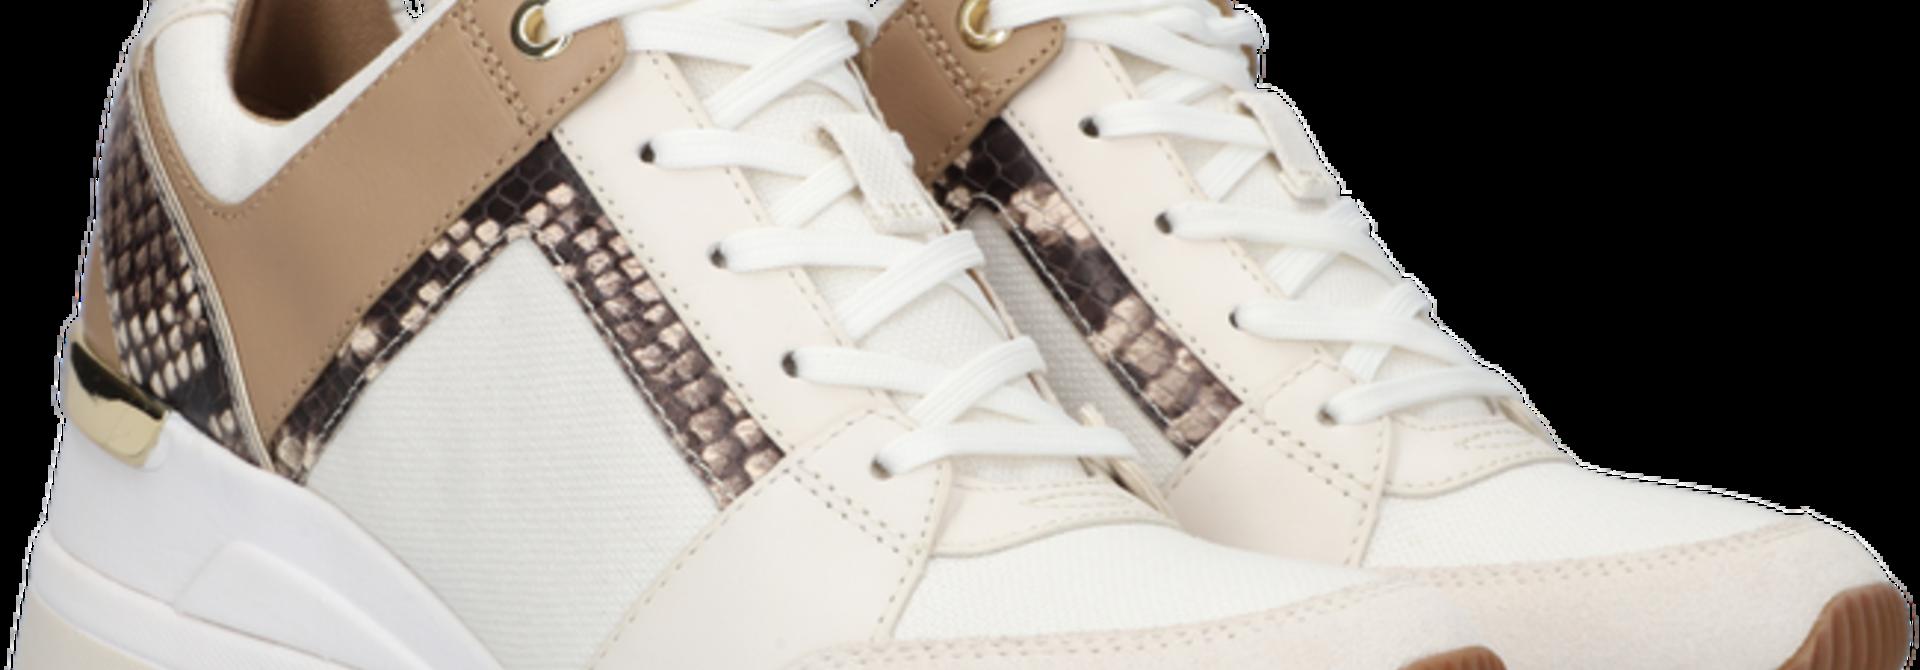 Michael Kors / Georgie Trainer Canvas Cream Multi